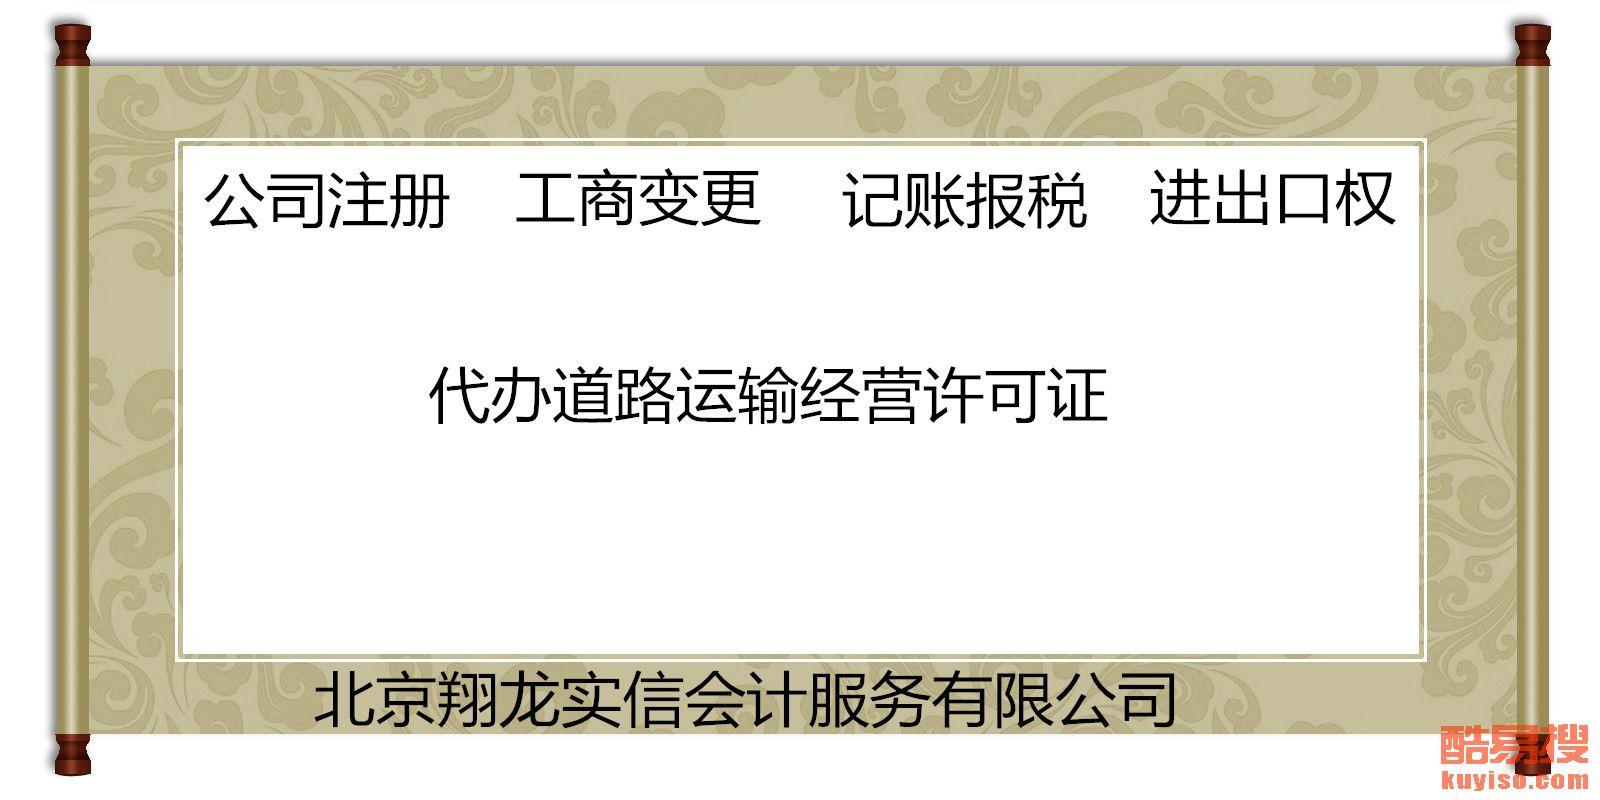 北京翔龍實信專業快速代理注冊進出口權道路運輸經營許可證公司注